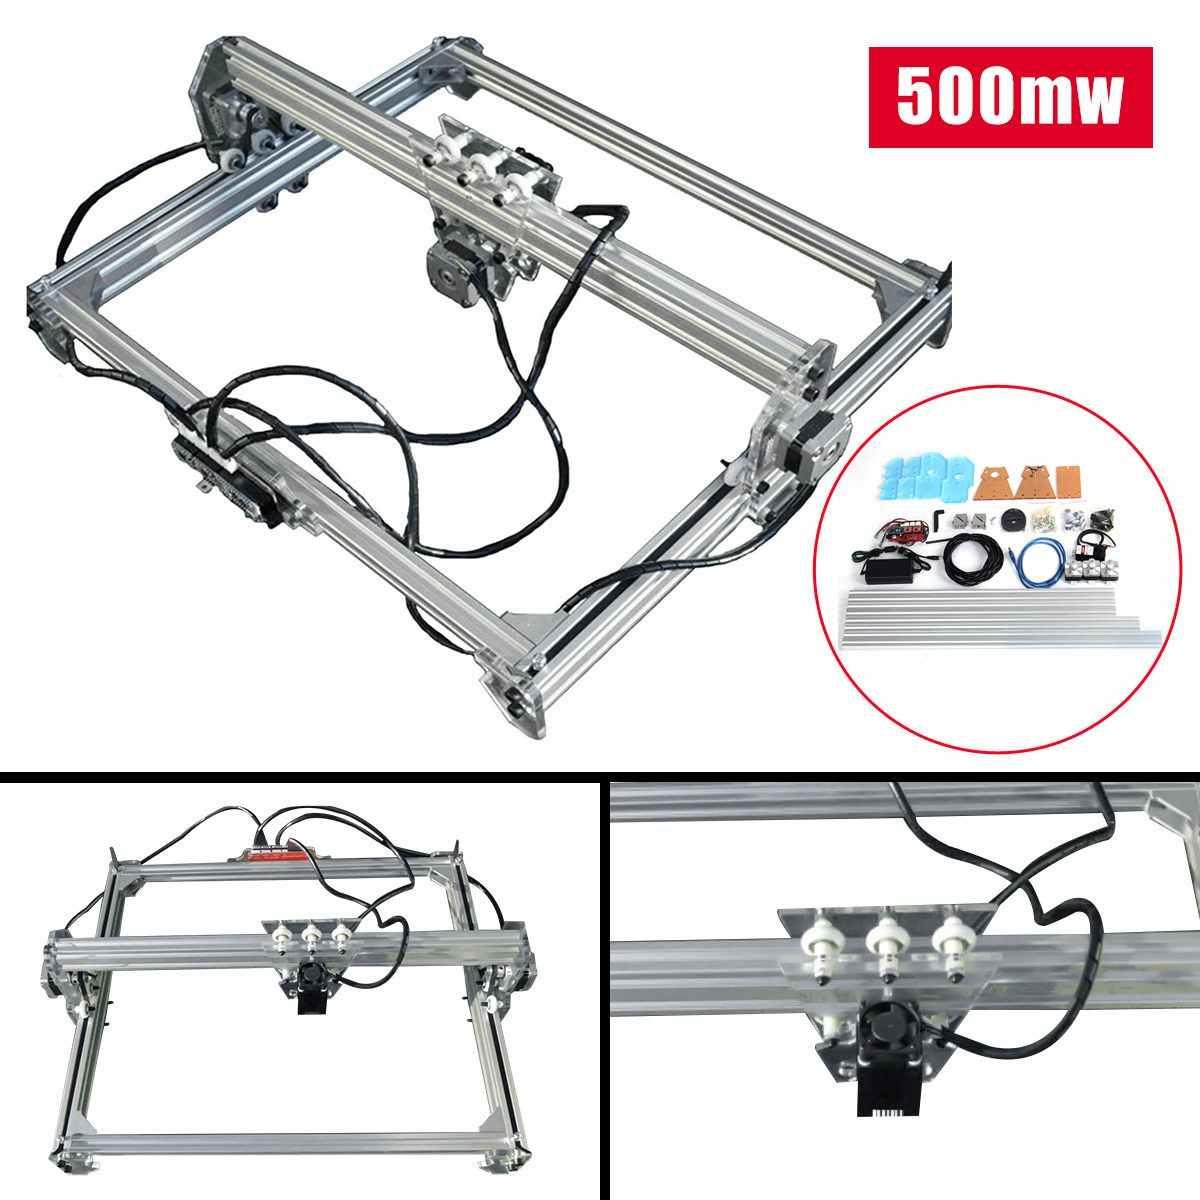 65X50 Cm DC 12V 500 M W Laser Laser Engraver Cutting DIY Desktop Mini Kayu Cutter/Printer menandai Printer LOGO Ukiran Mesin